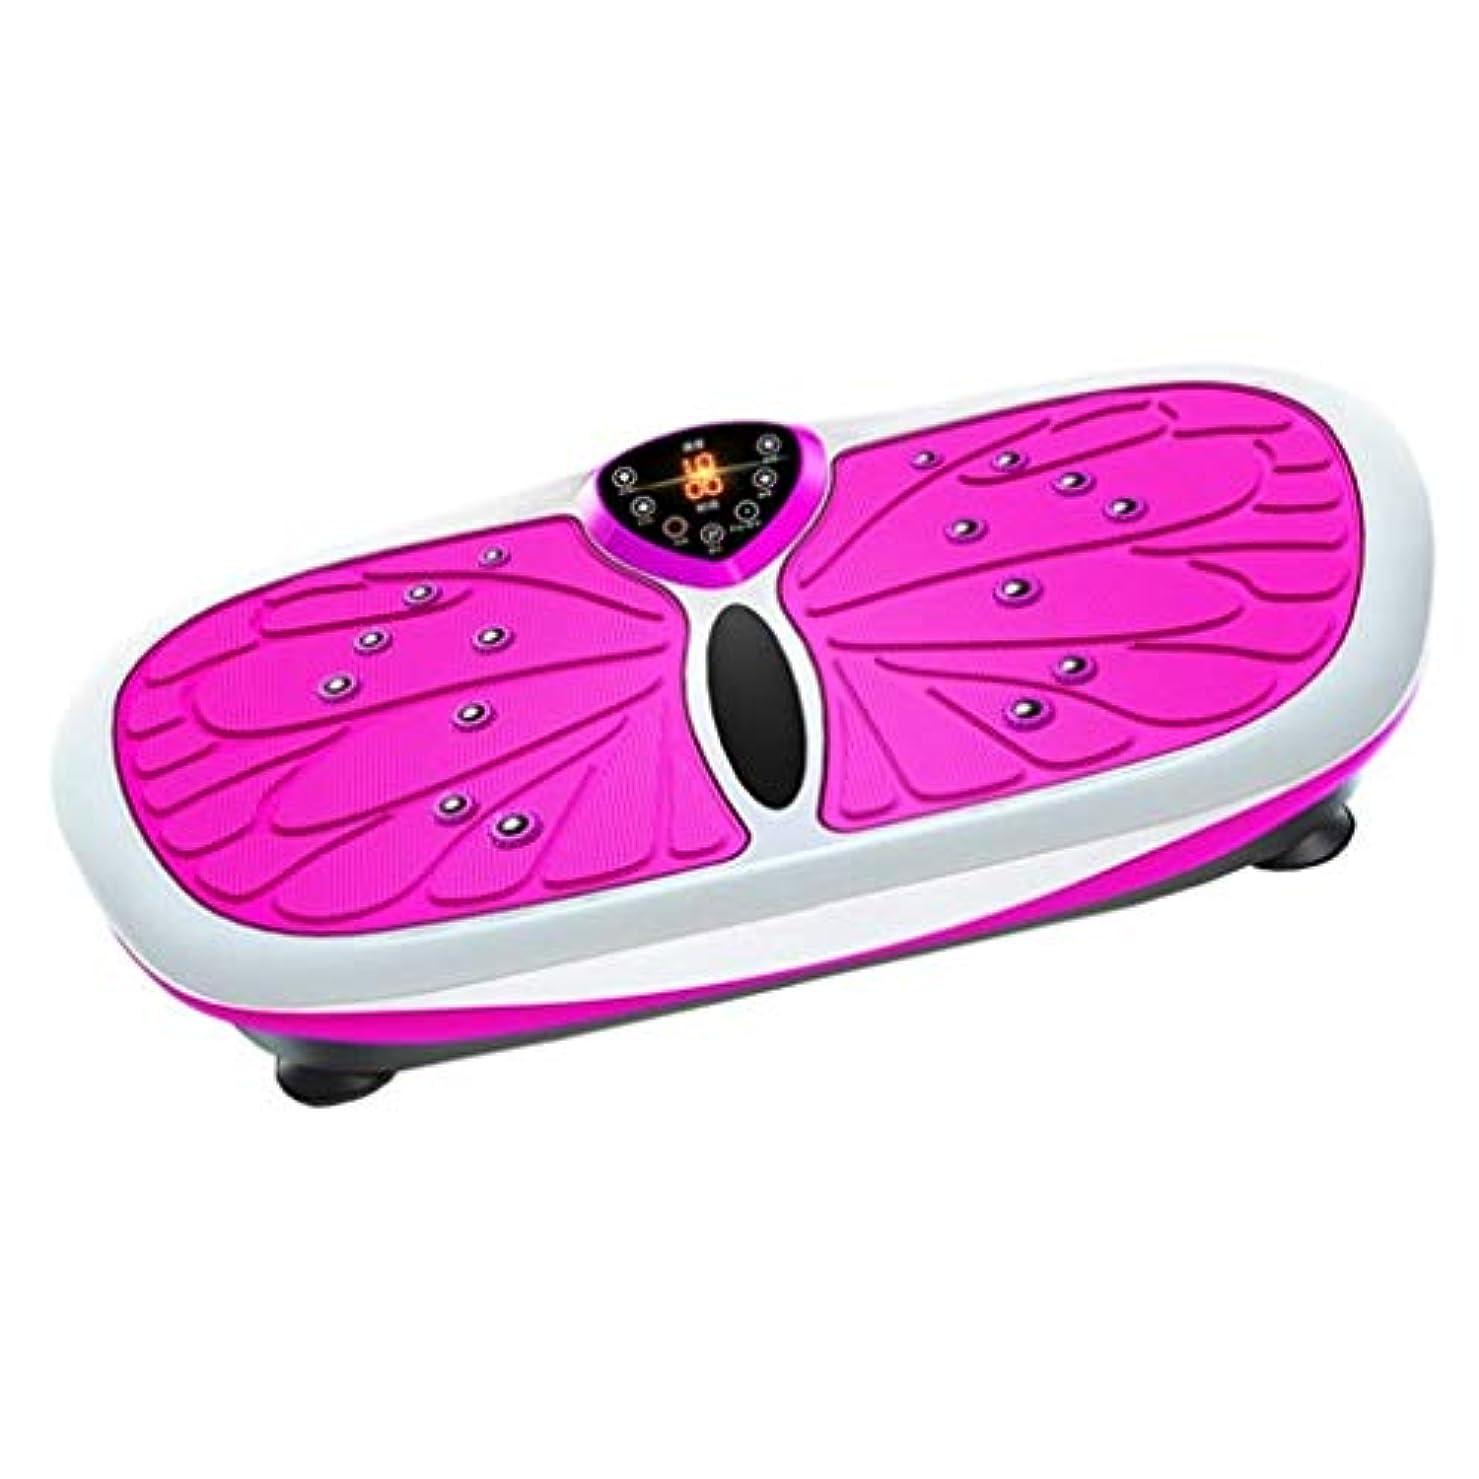 シビック最も早い夕暮れ減量装置、サイレントモーター振動プレート-ジム自宅での体重減少のための99レベルの3D振動トレーナー磁気療法マッサージ (Color : ピンク)